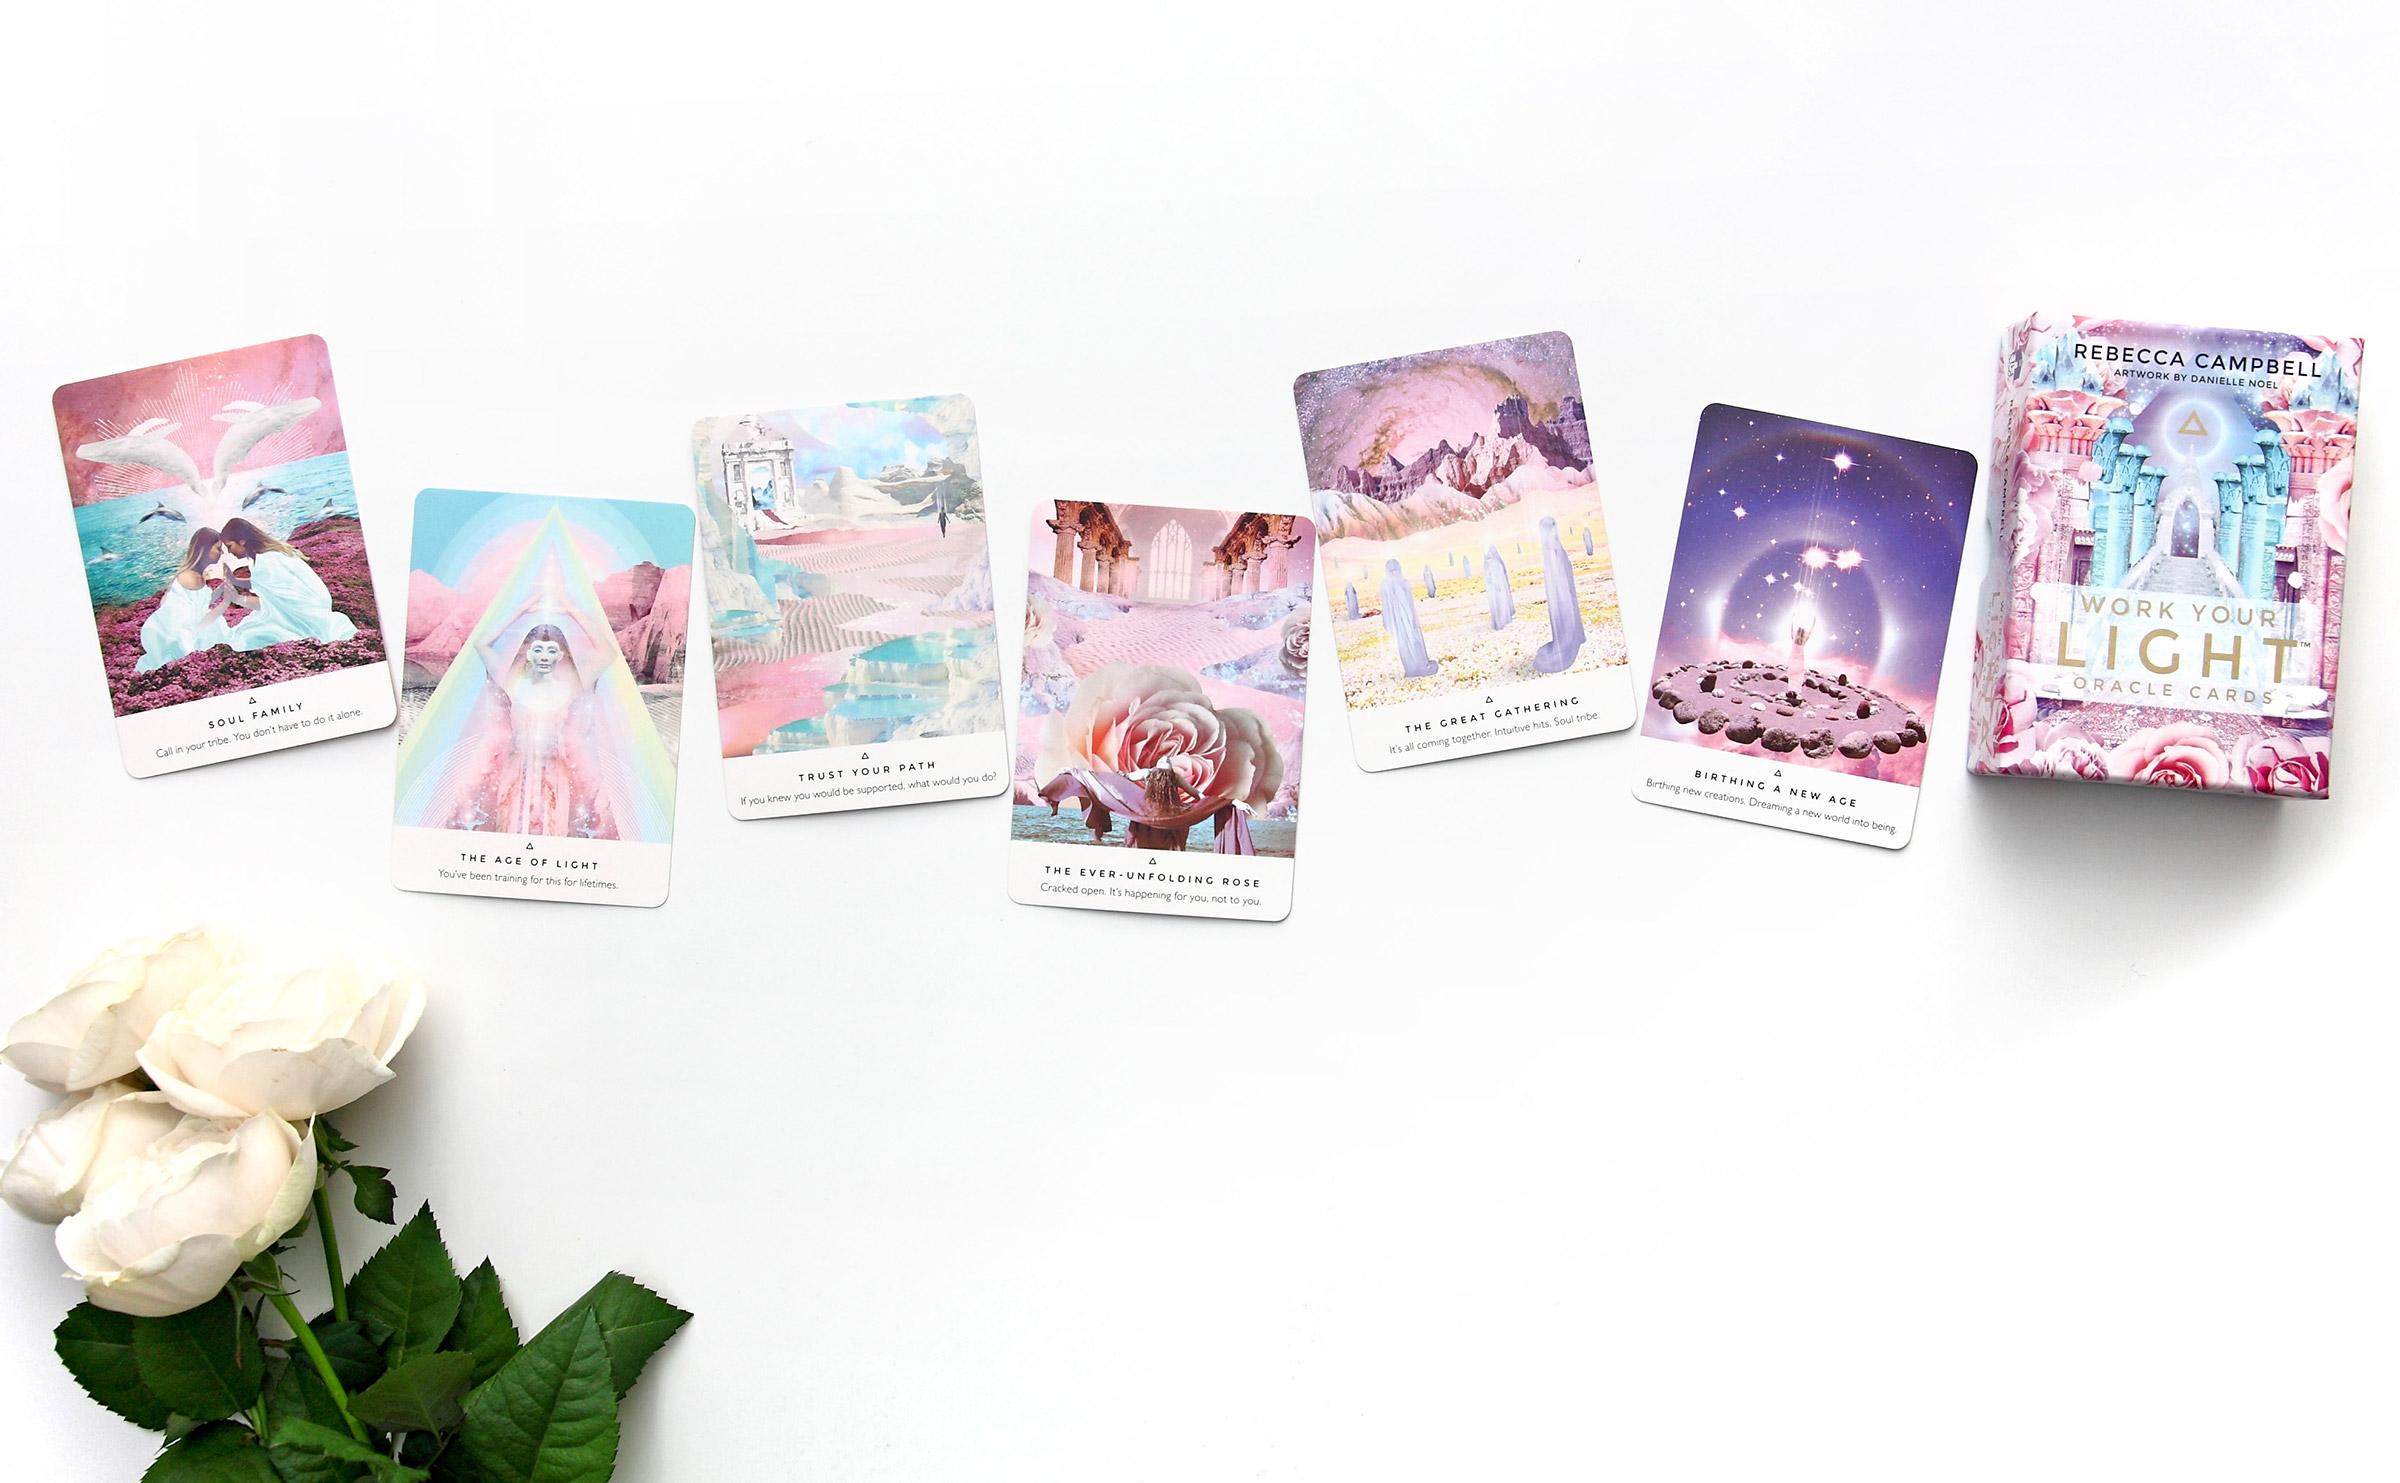 ワークユアライトオラクルカード